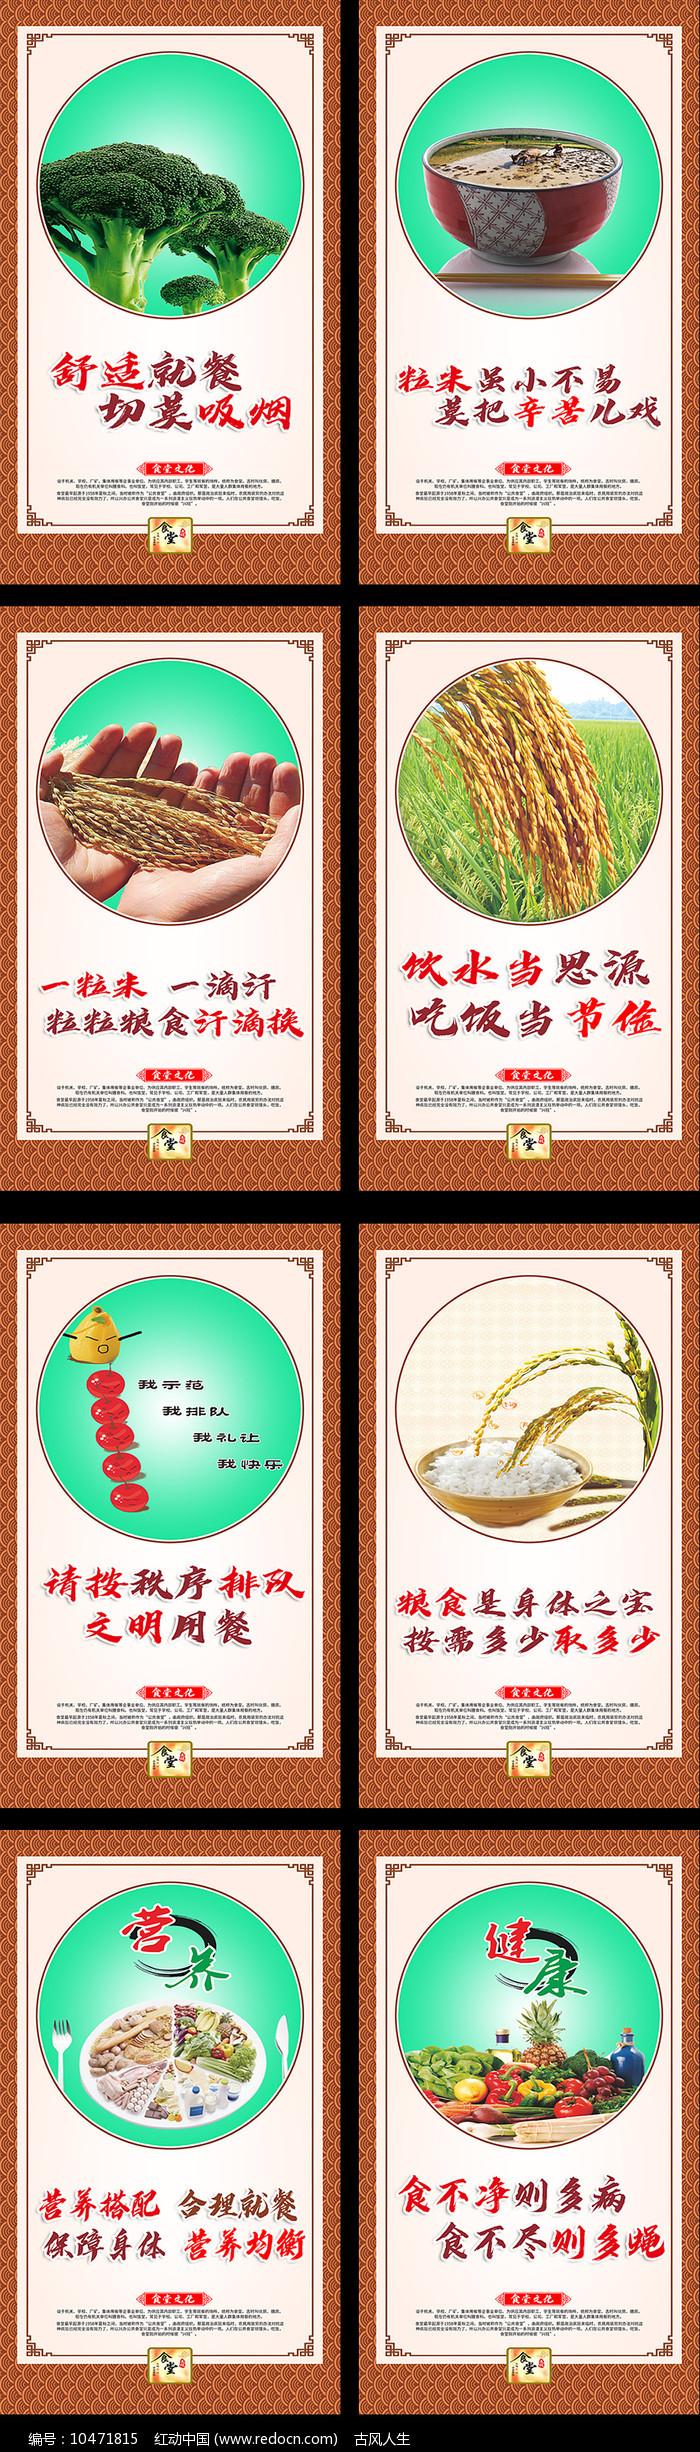 高端食堂文化展板图片